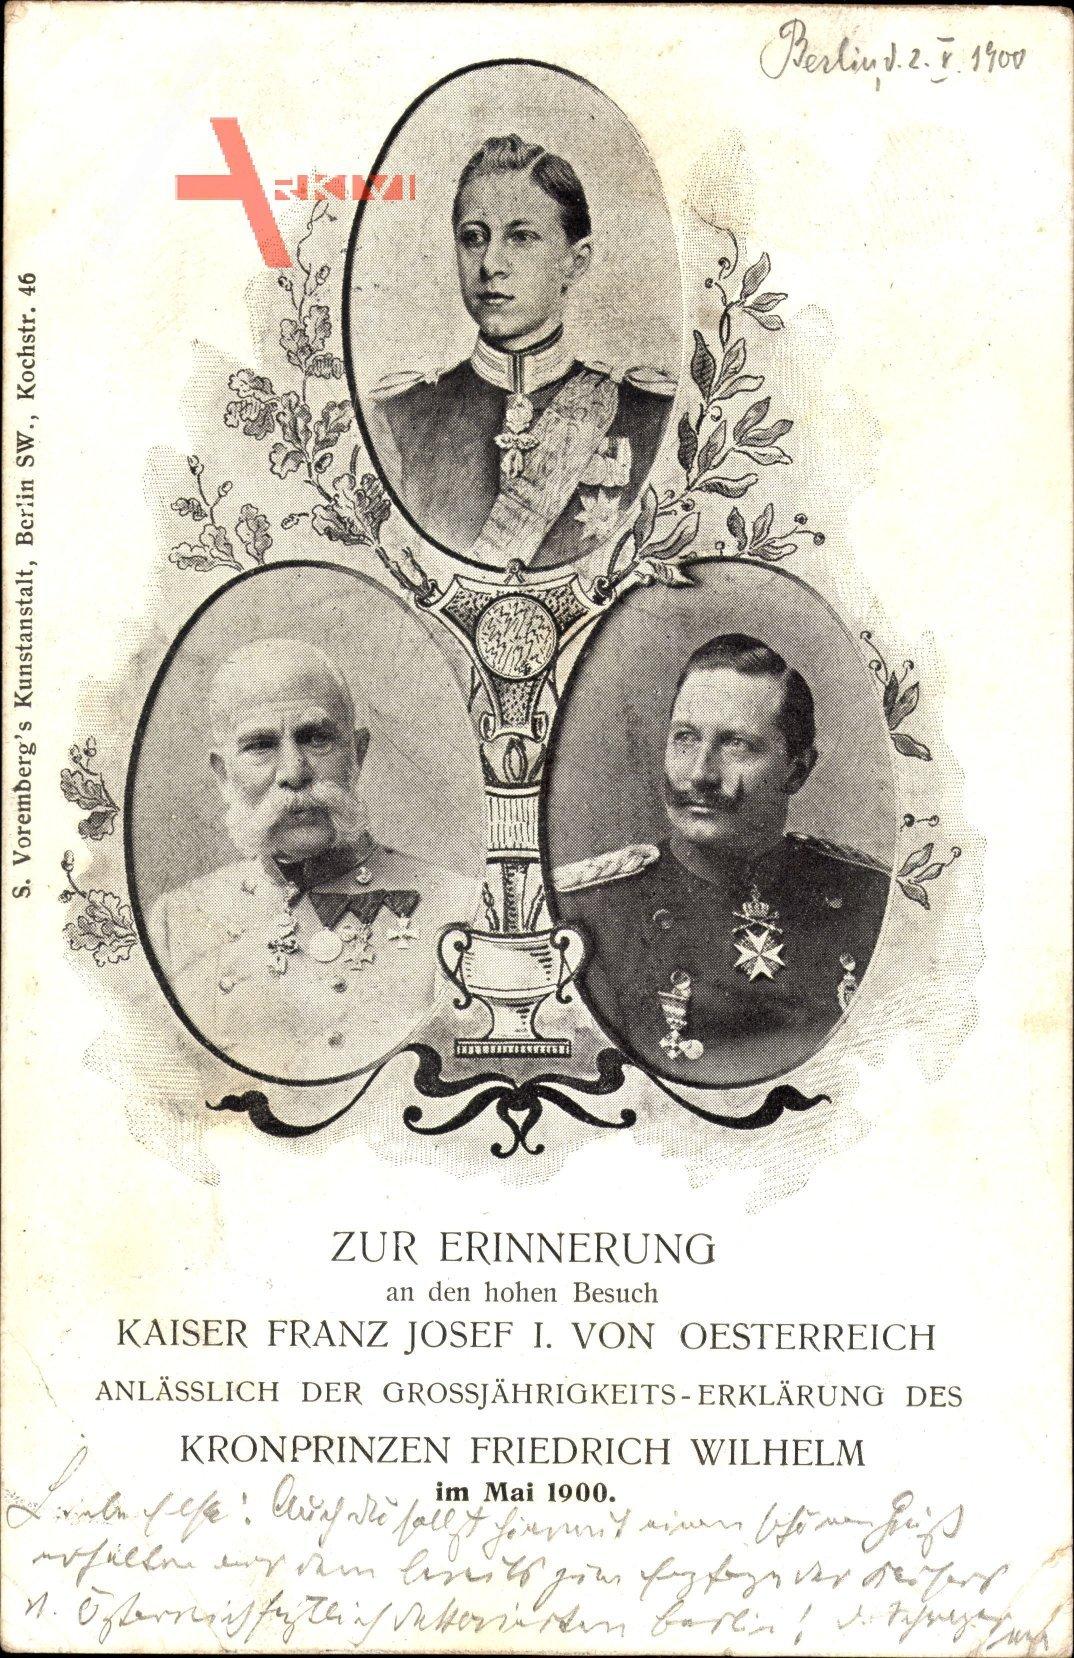 Kaiser Franz Josef I v. Österreich, Kaiser Wilhelm II., Kronprinz